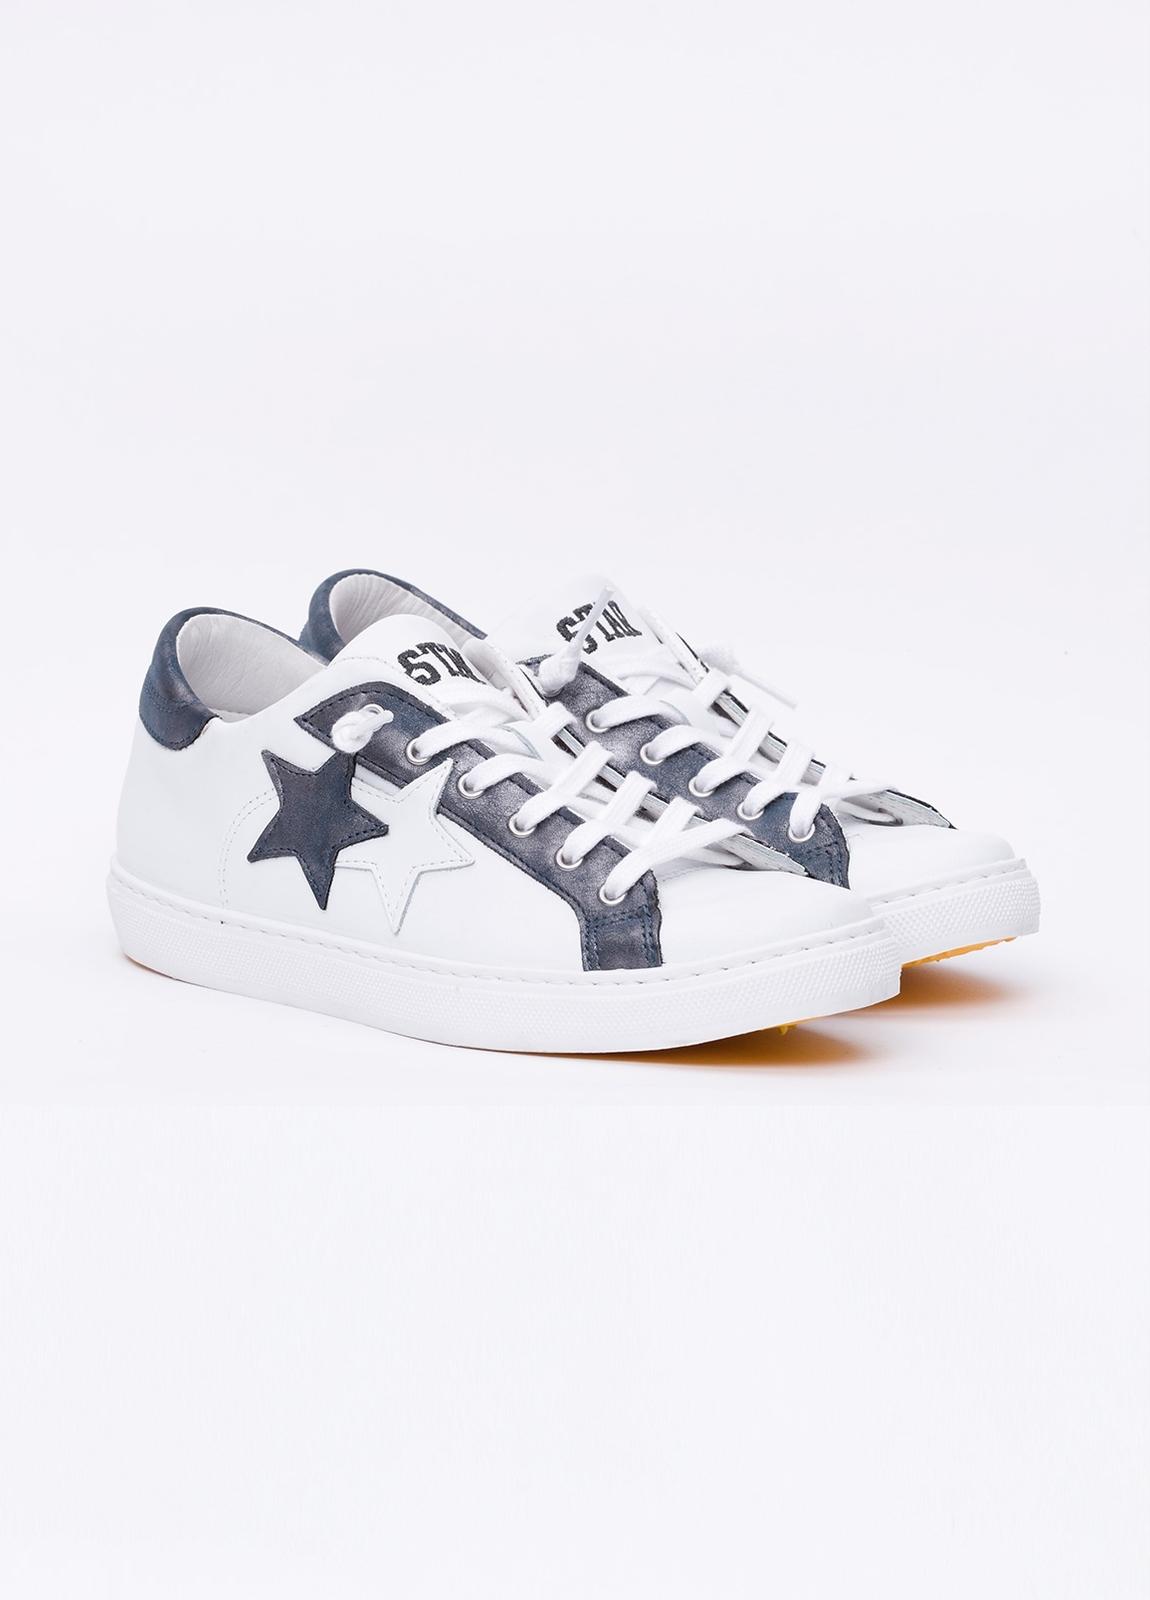 Calzado sport color blanco con detalles azul marino. 100% Piel. - Ítem3